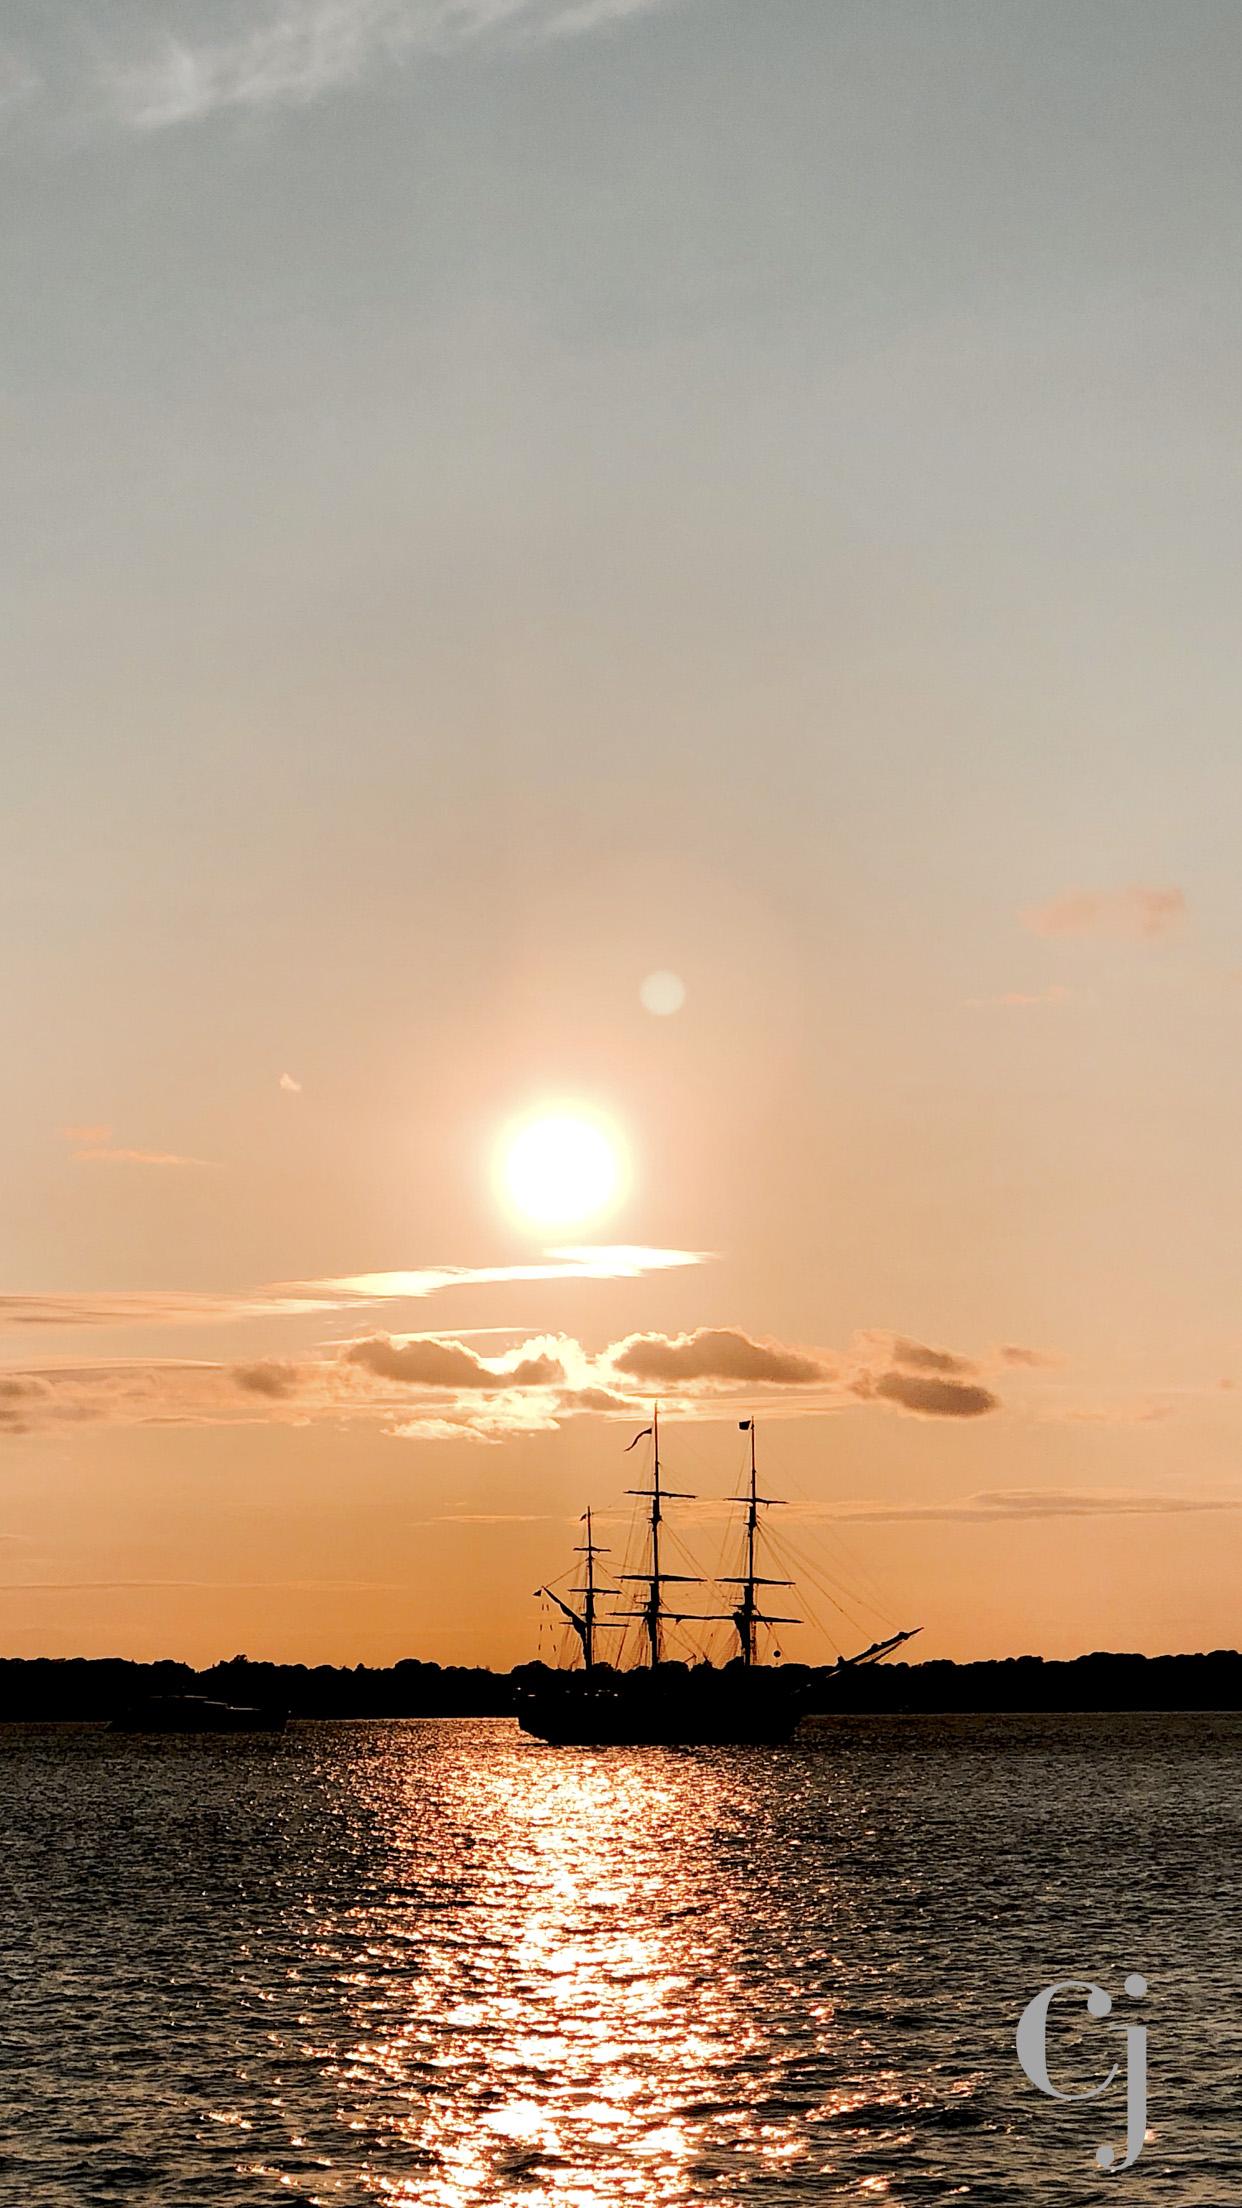 caitlin-elizabeth-james-boat-sunset-background.jpg